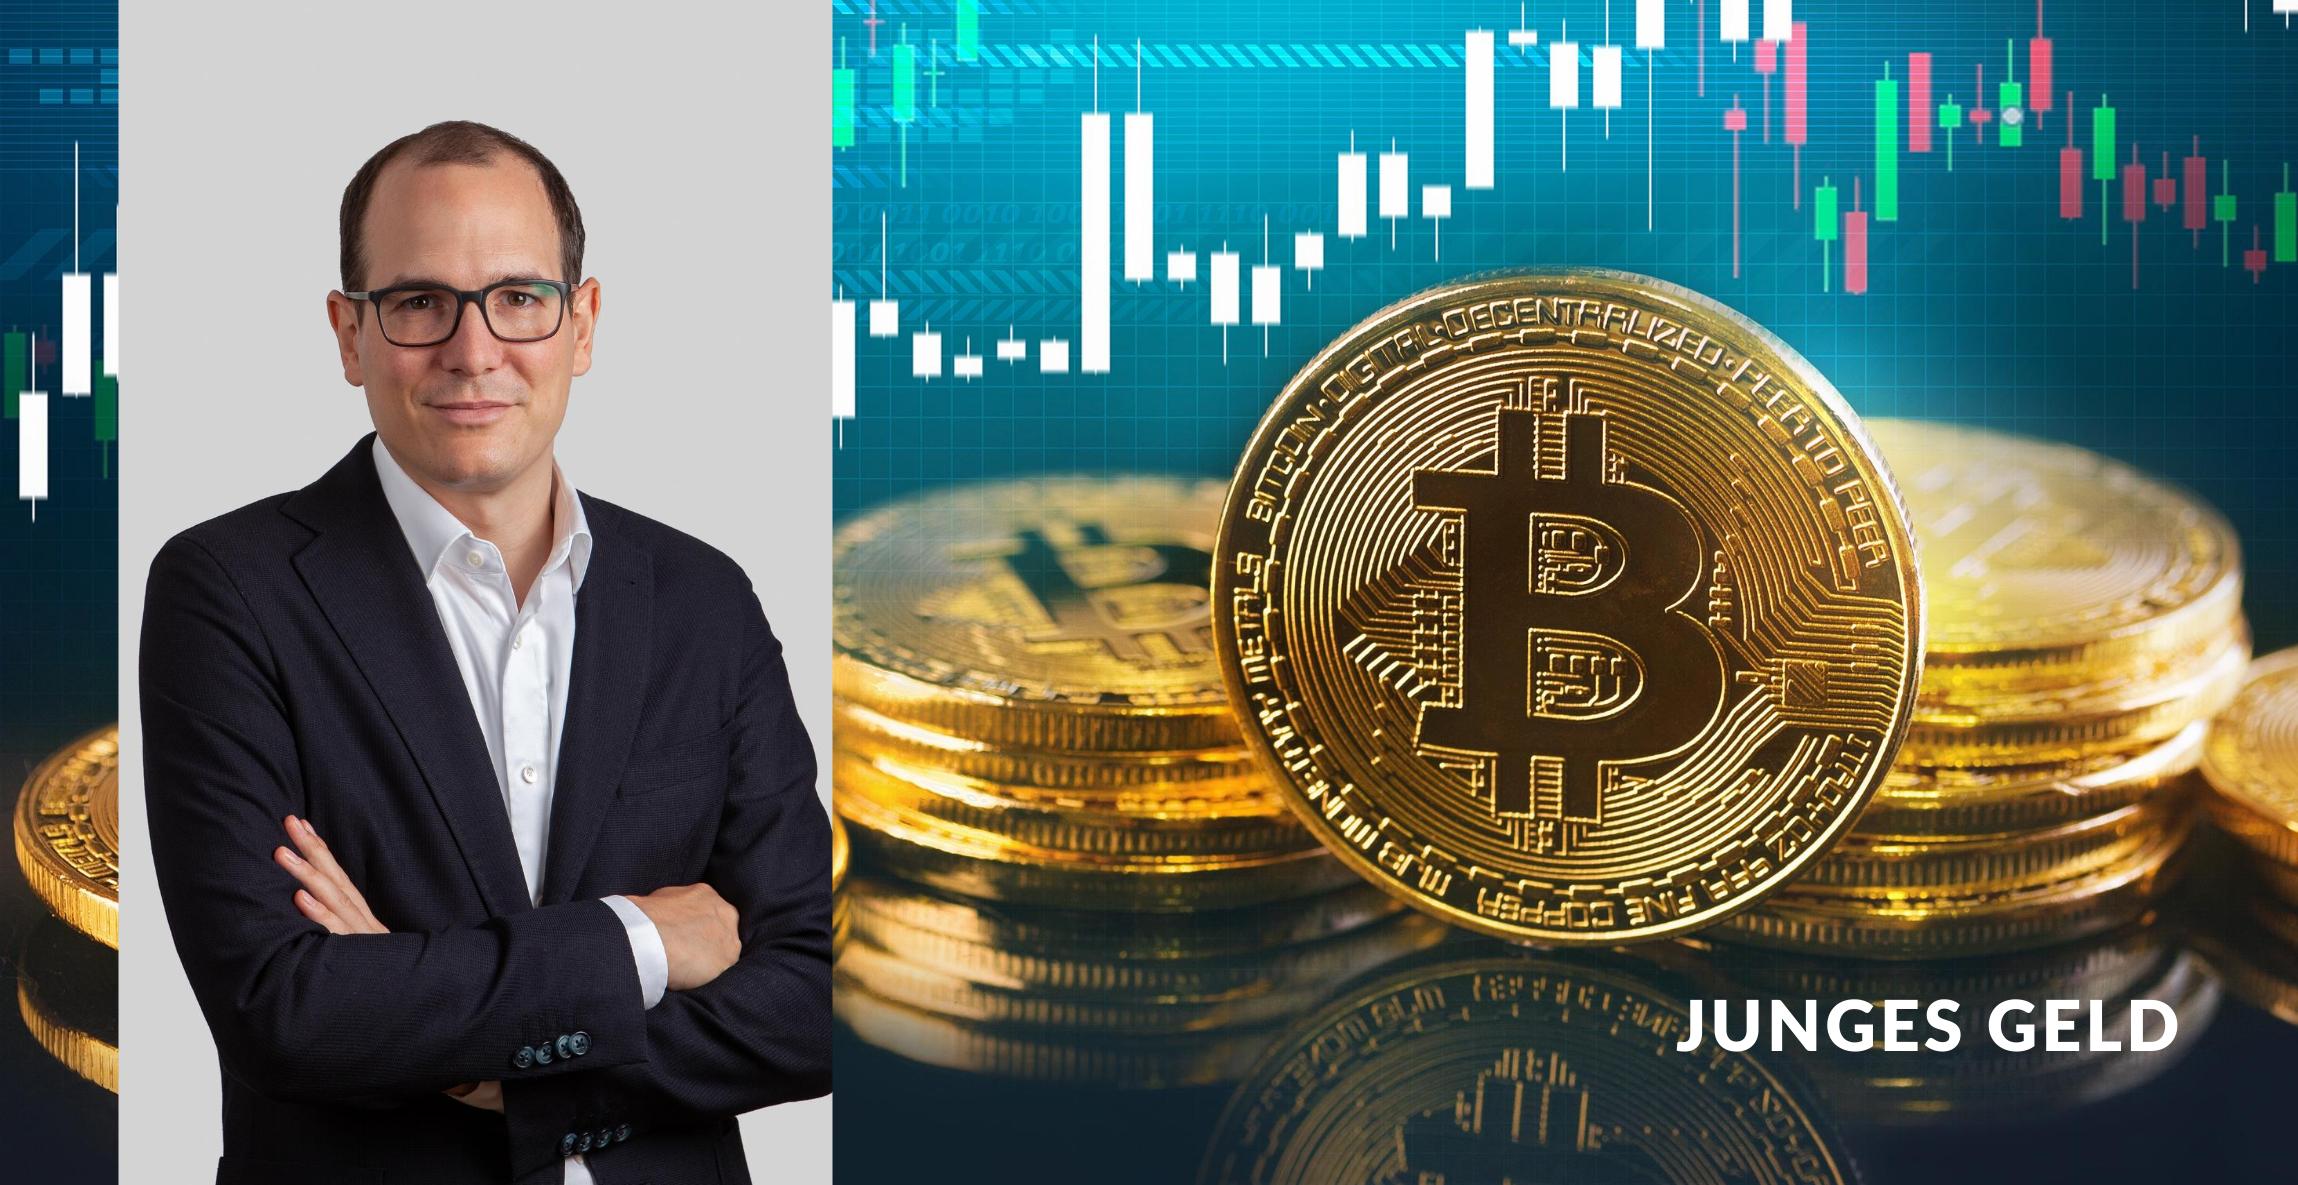 Bitcoin (BTC) Prognose 2021 – 2024: Wie weit steigt der Bitcoin Preis